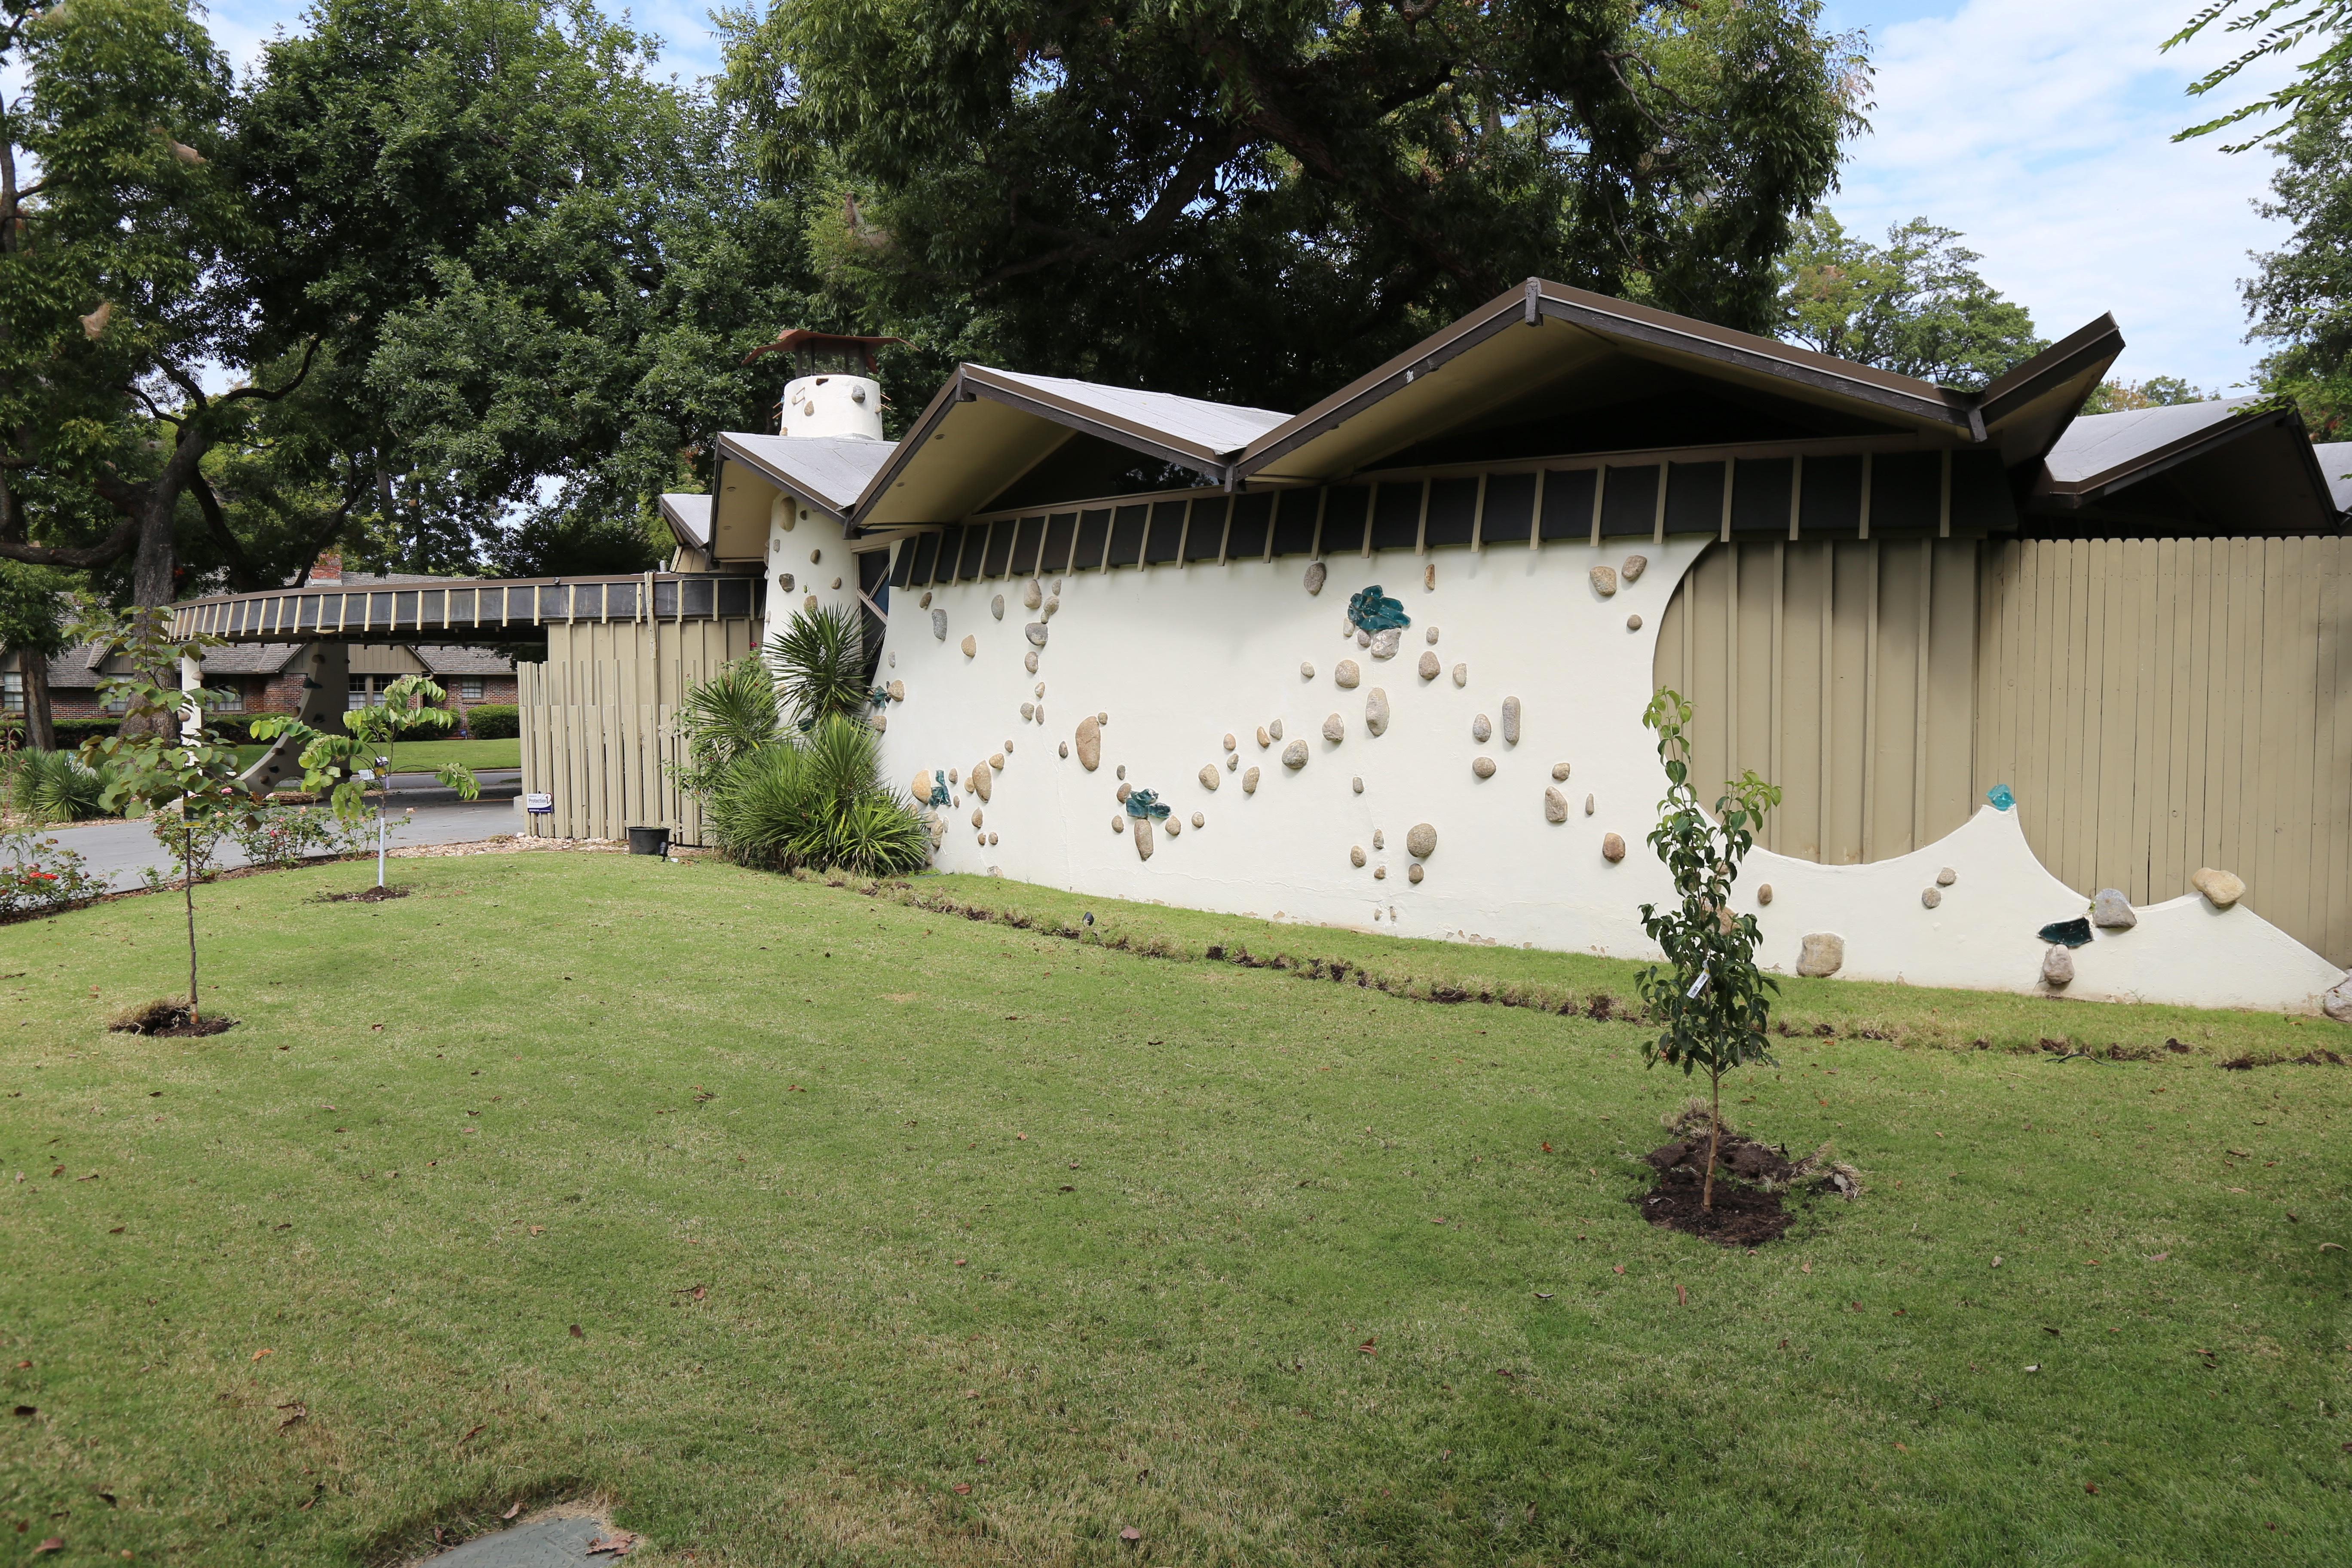 Blaine Imel's Osher House